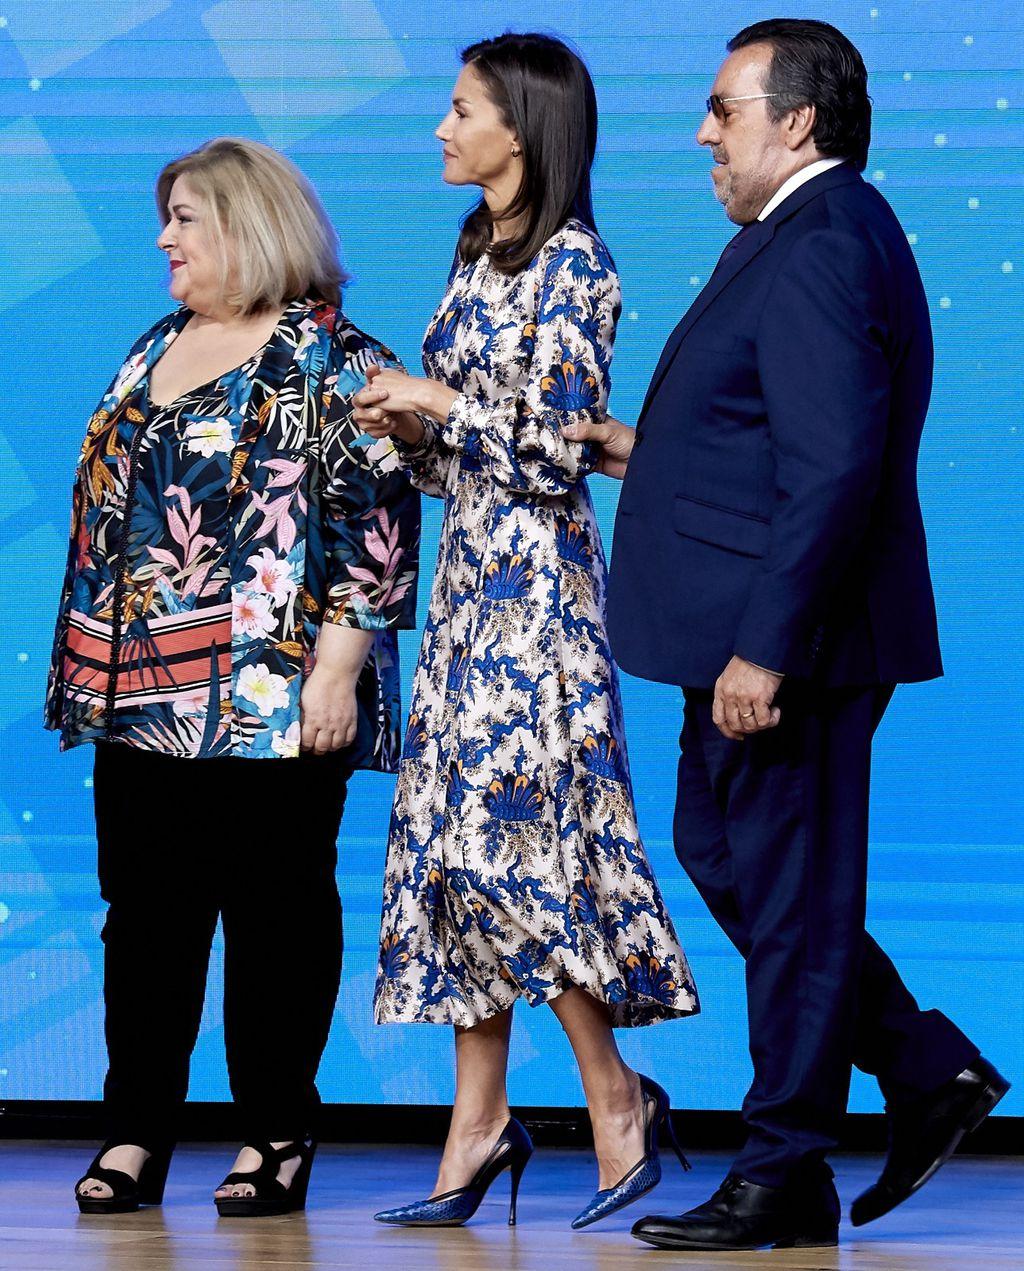 Kraljica Letizia u haljini \'za iznositi\' koja laska i XS i XL figurama - 6